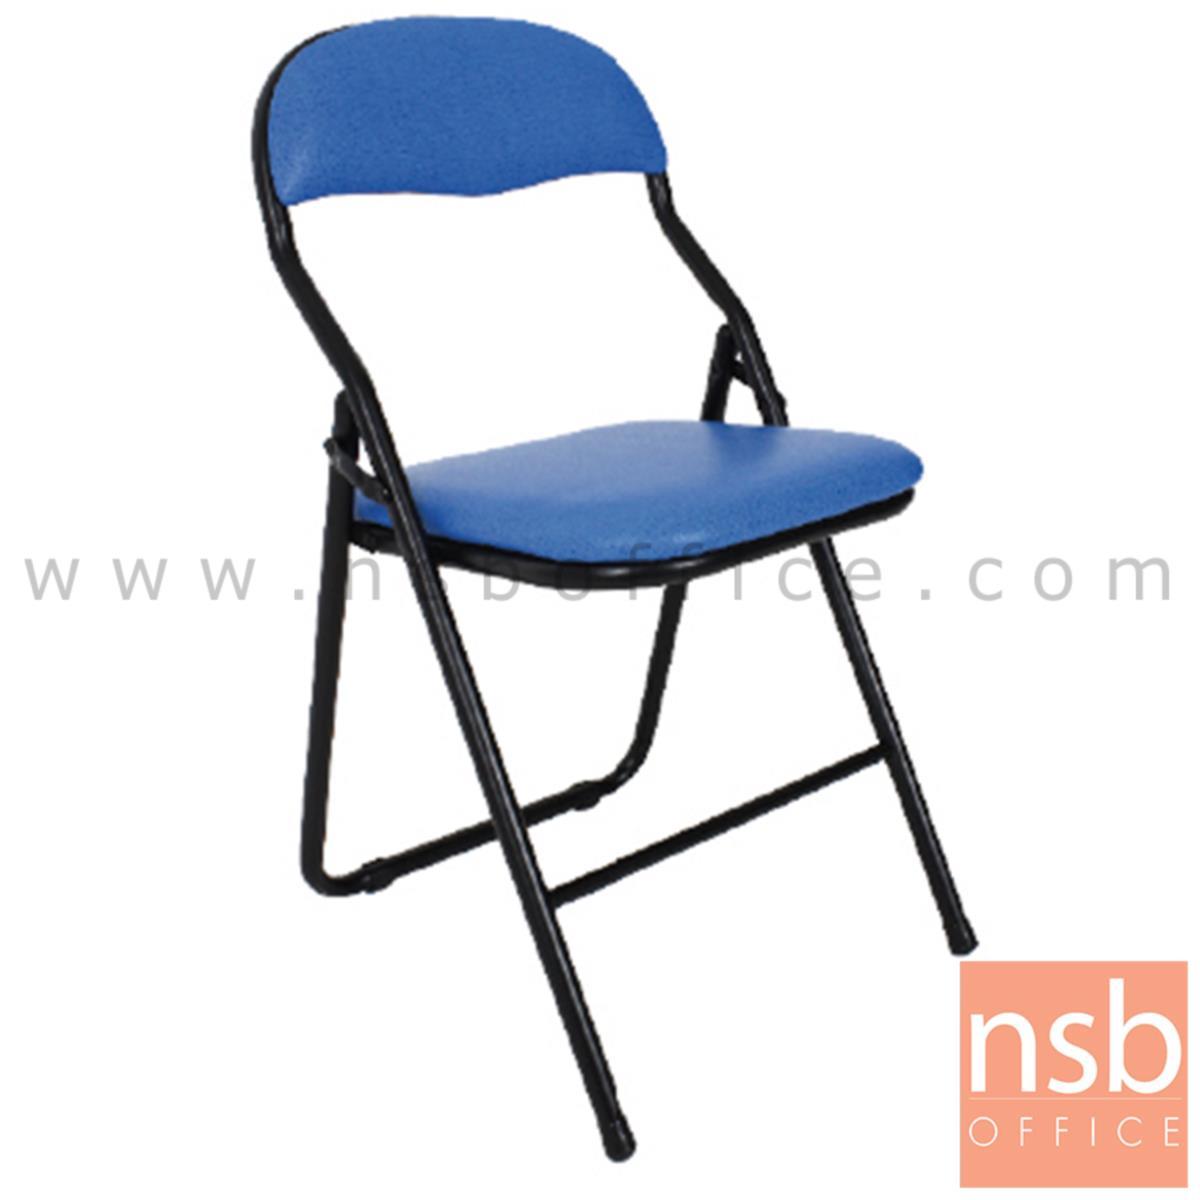 B10A001:เก้าอี้พับที่นั่งหุ้มเบาะหนัง รุ่น KING ขาเหล็กสีดำ